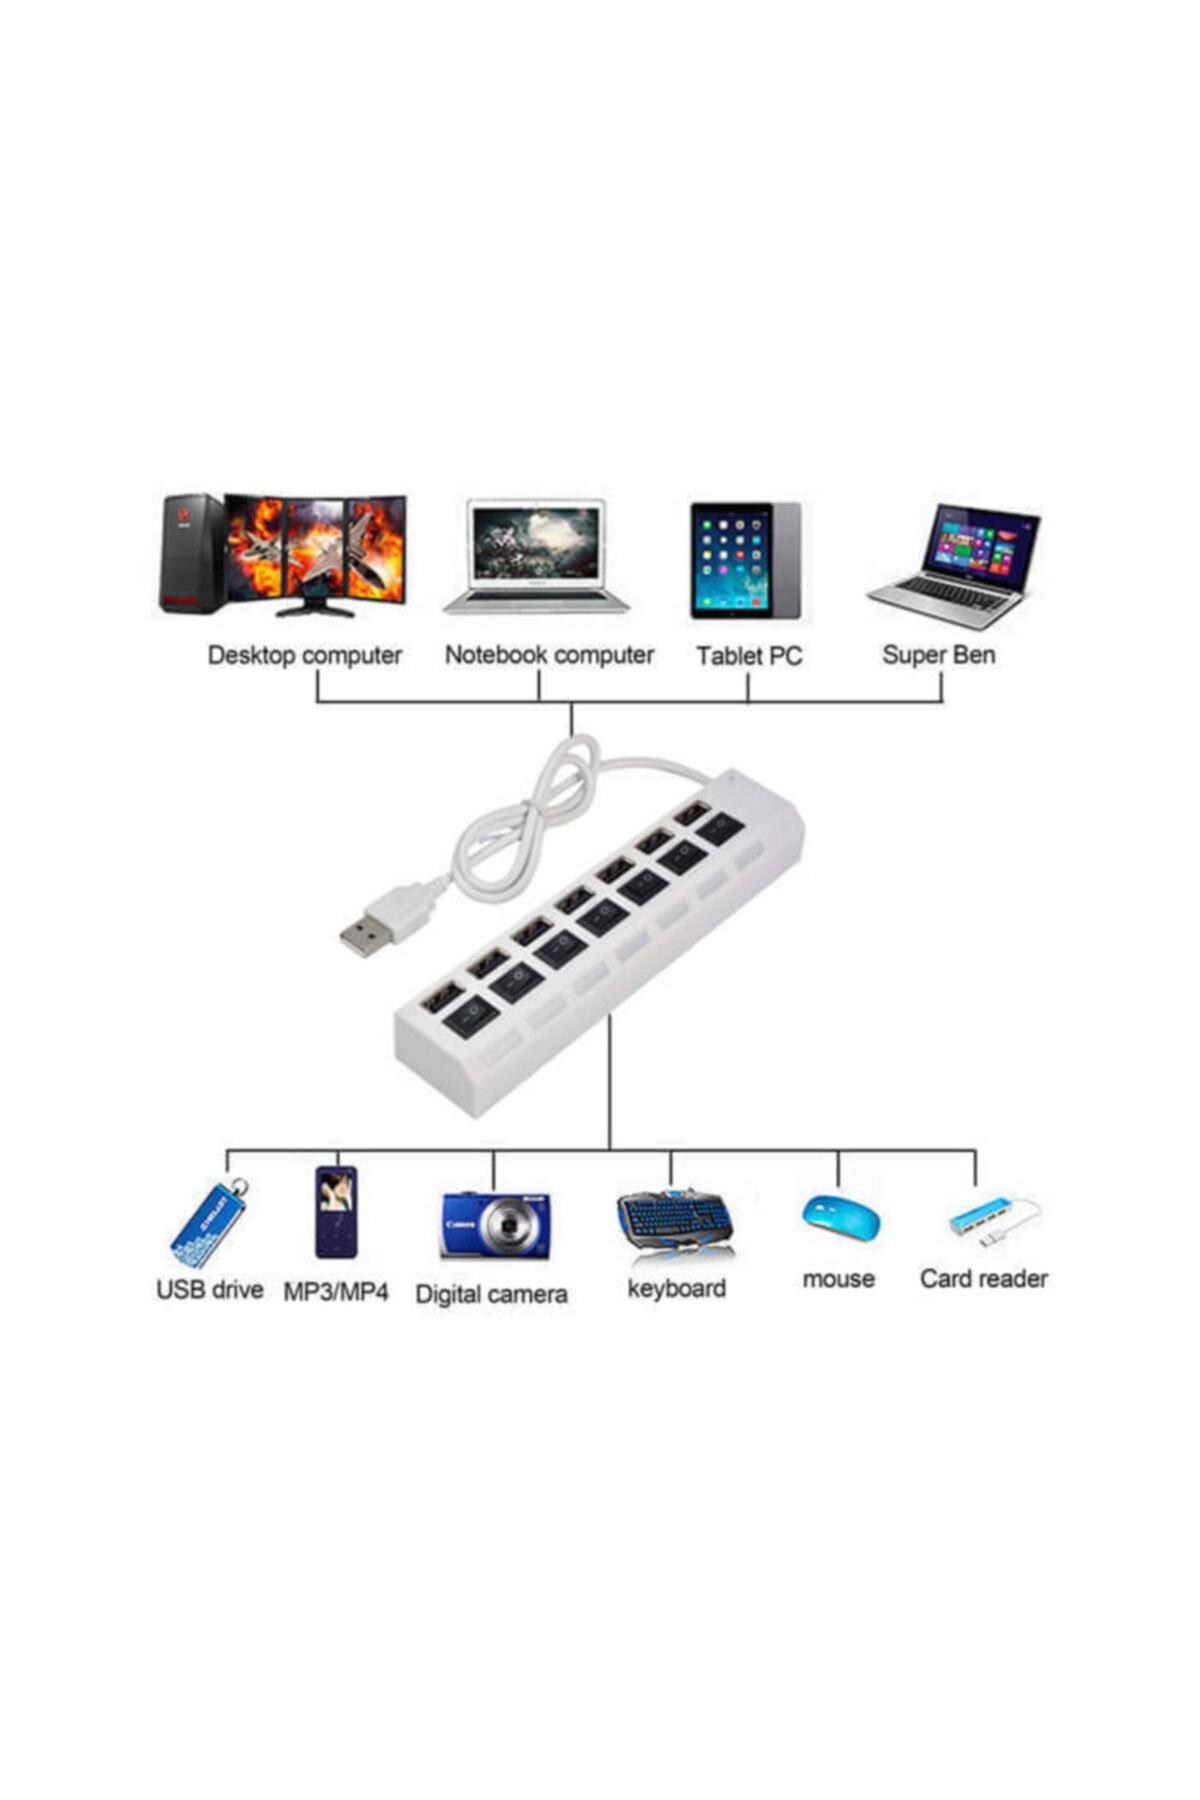 WOZLO Beyaz 7 Port Usb Hub - On/off Switch Işıklı - Usb Çoklayıcı 2